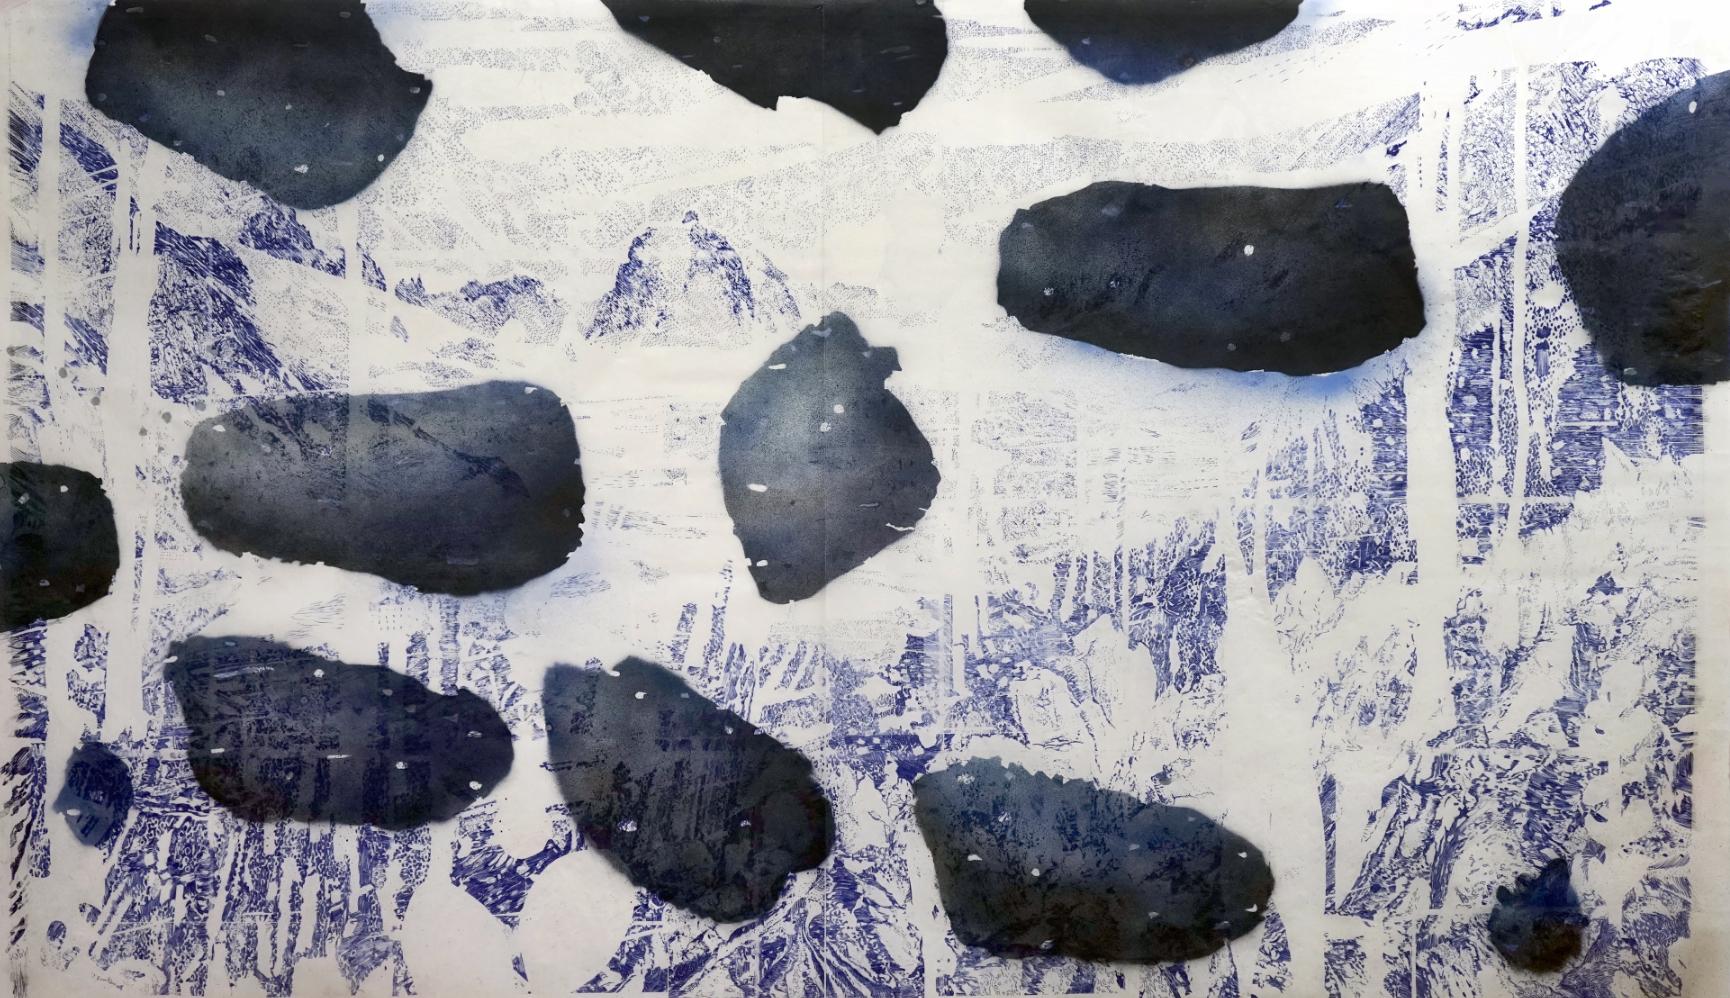 Untitled_waterscape#1 - 2018 - Potlood, inkt & acrylic op Japans papier - 116 x 188 cm